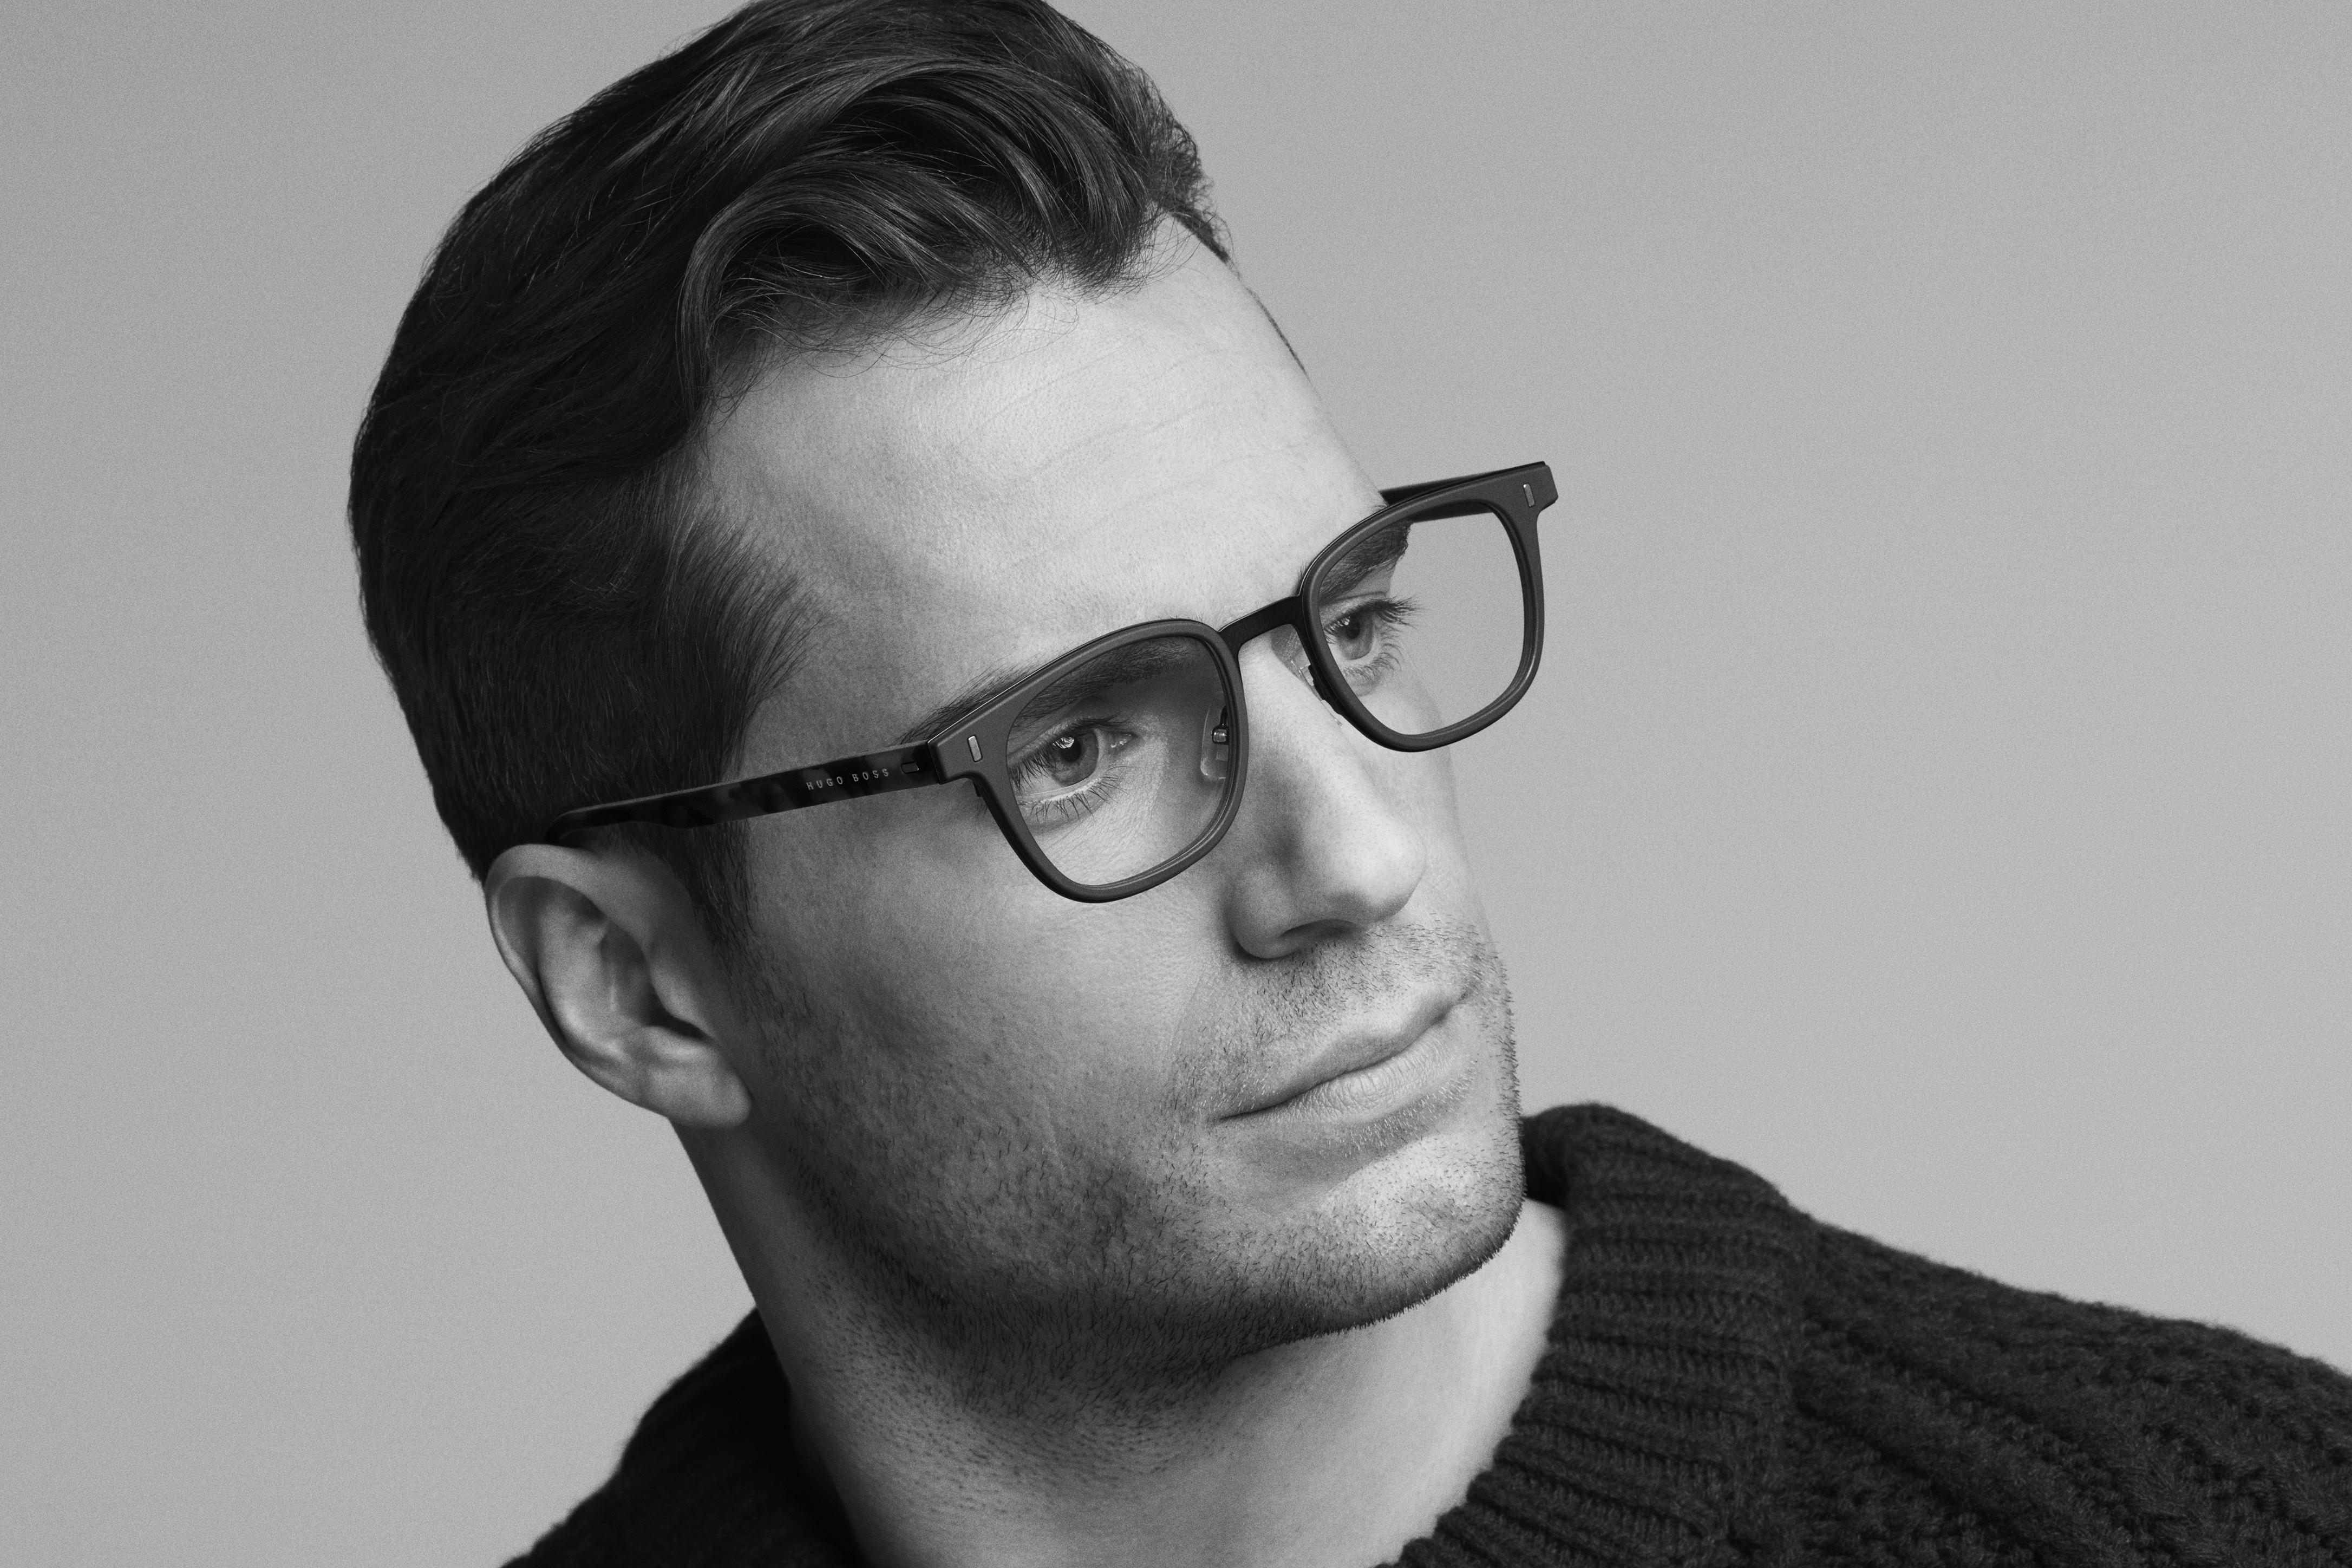 1172f24bfaf Henry cavill has focus man of metropolis jpg 4344x2896 Hugo boss eyeglasses  2018